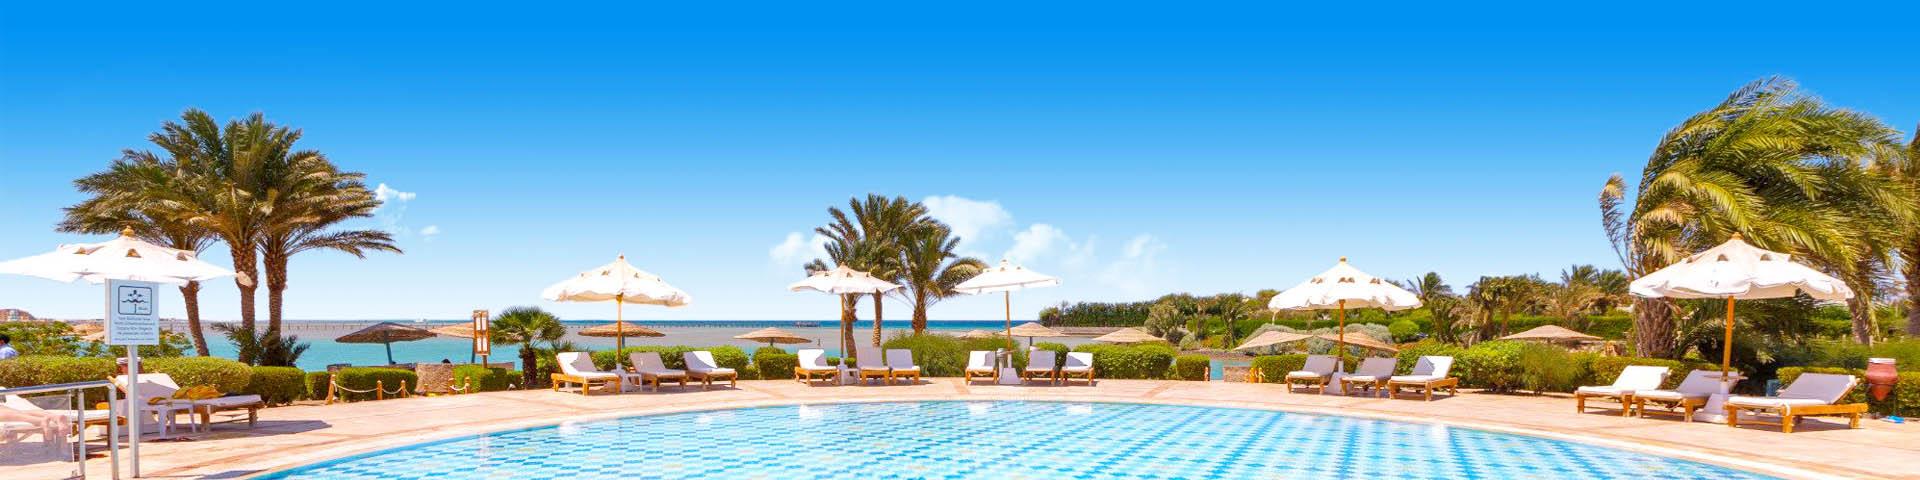 Hotel met zwembadbadcomplex, zwembad, ligbedden en palmbomen